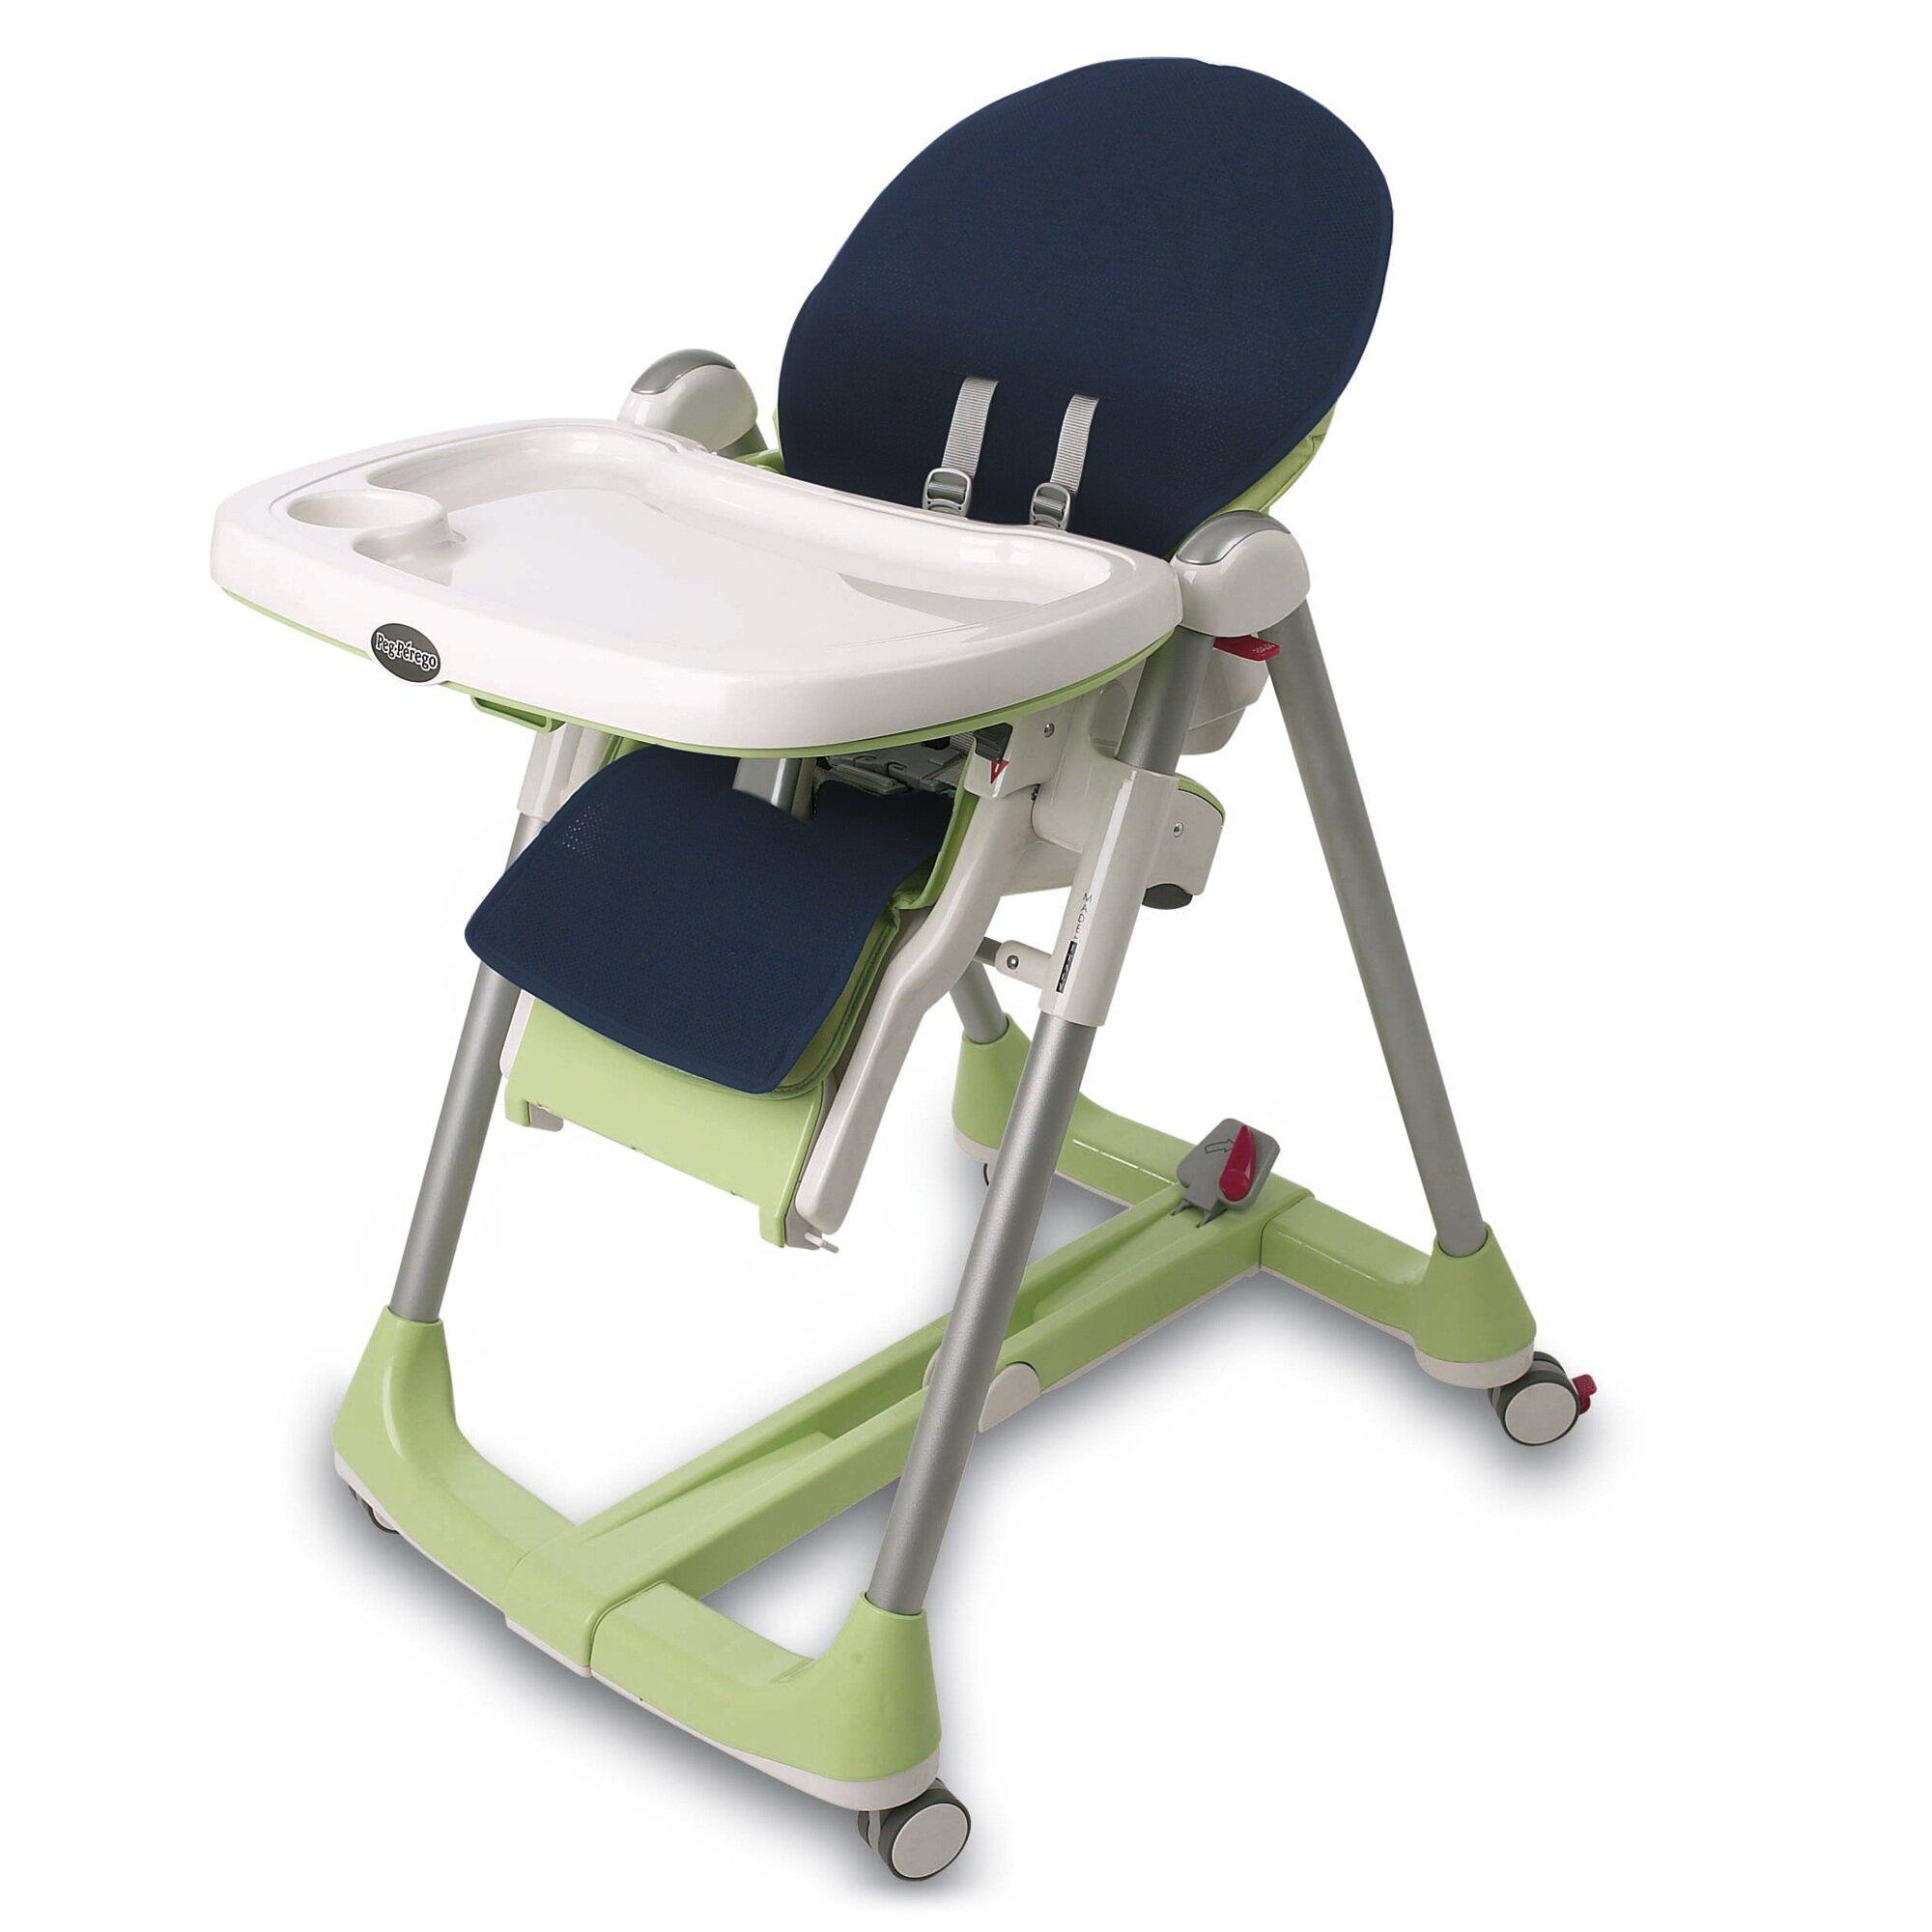 Accessoires peinture bricolage page n 32 - Housse protection chaise haute ...